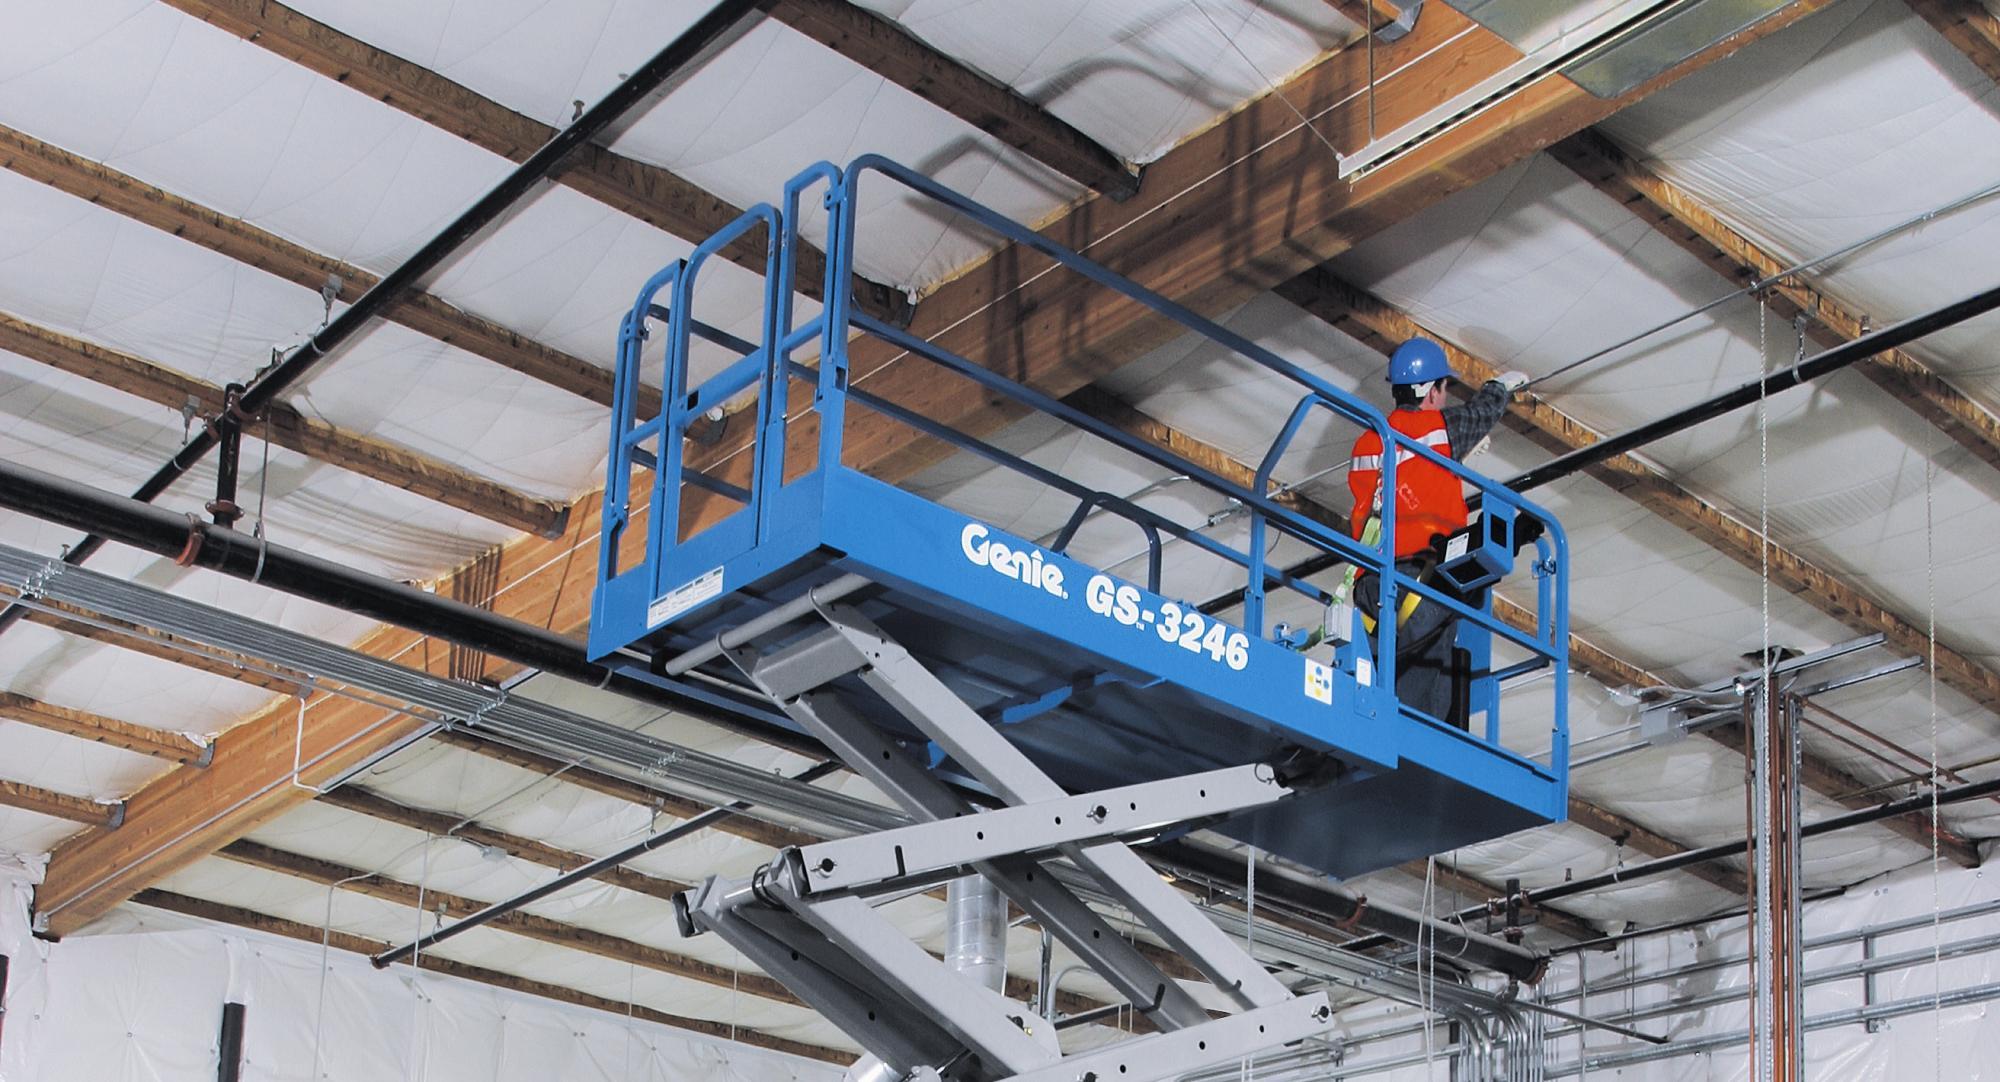 Genie® GS3246 Scissor Lift Access Platform